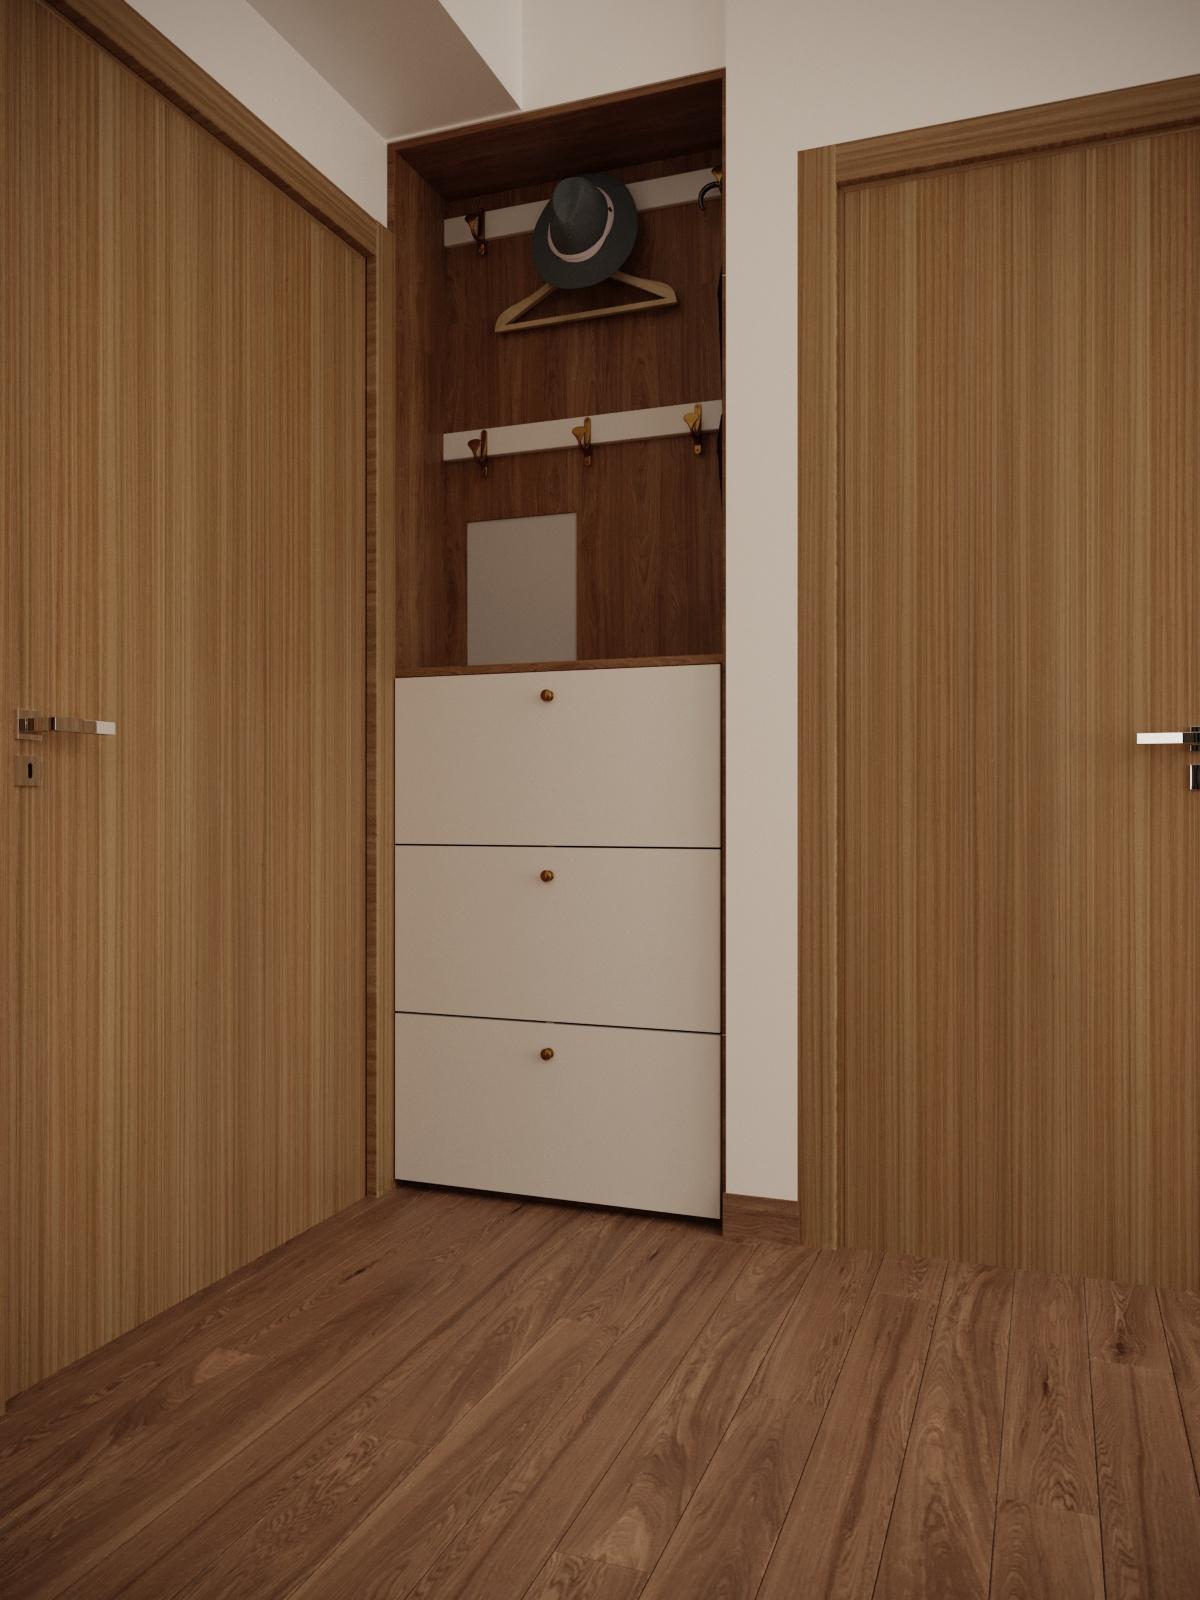 Thiết kế nội thất Chung Cư tại Hưng Yên ecorpark city 1582532954 14